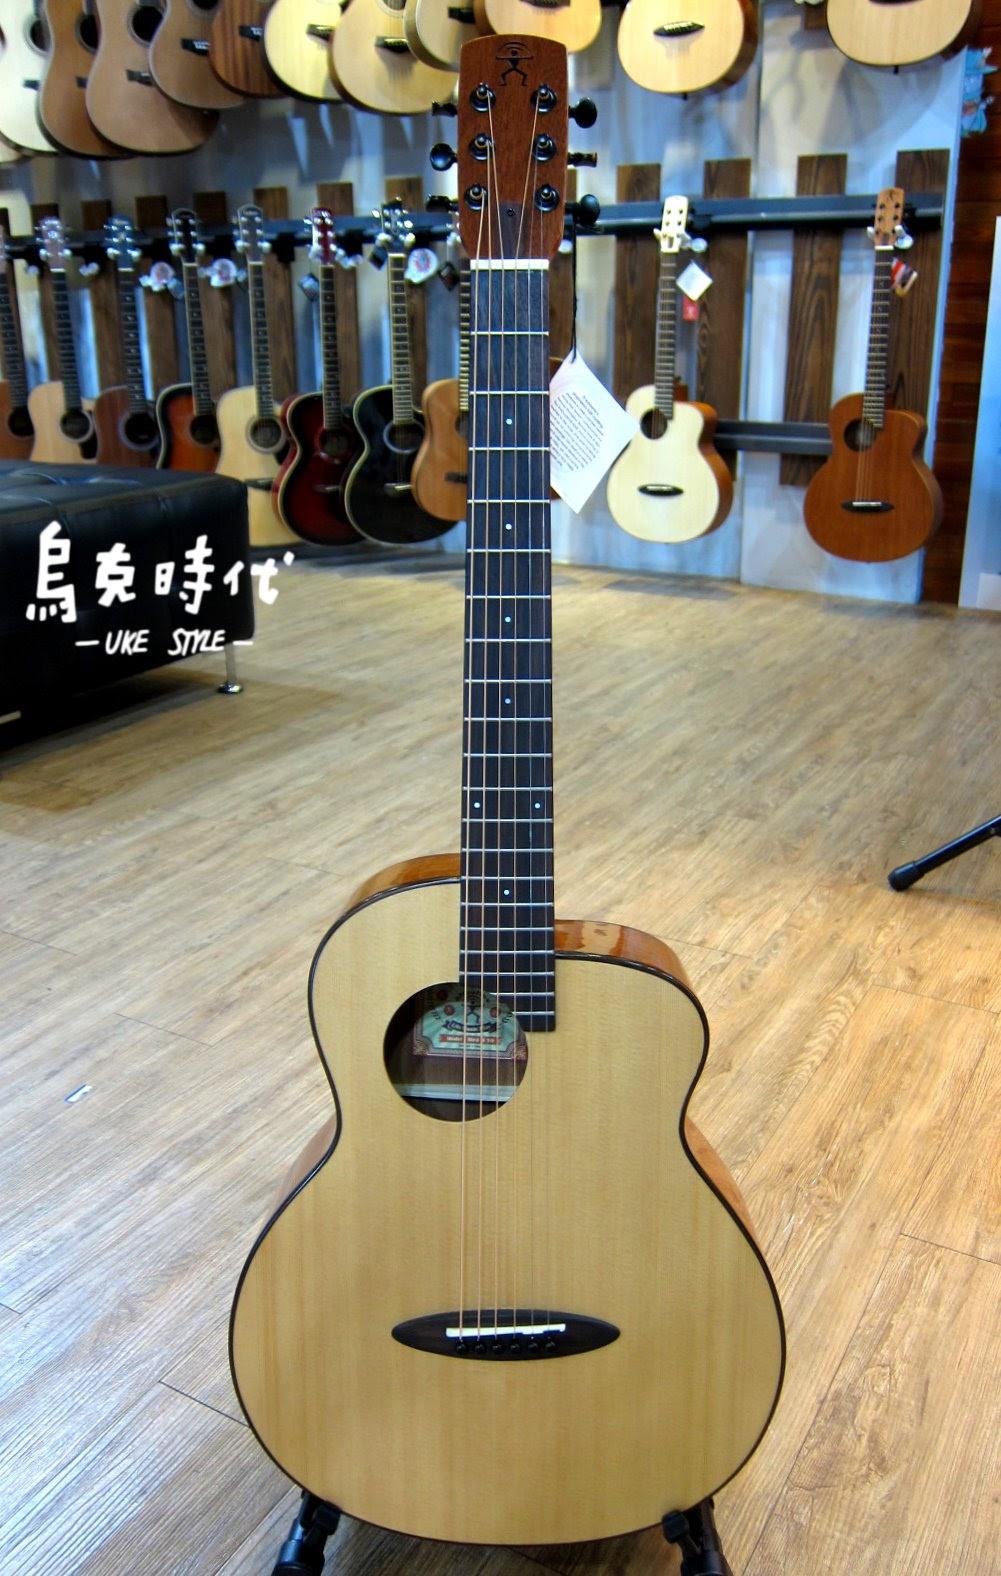 烏克時代~Anuenue鳥吉他M10E旅行吉他,搭配2017最新款雙系統拾音器